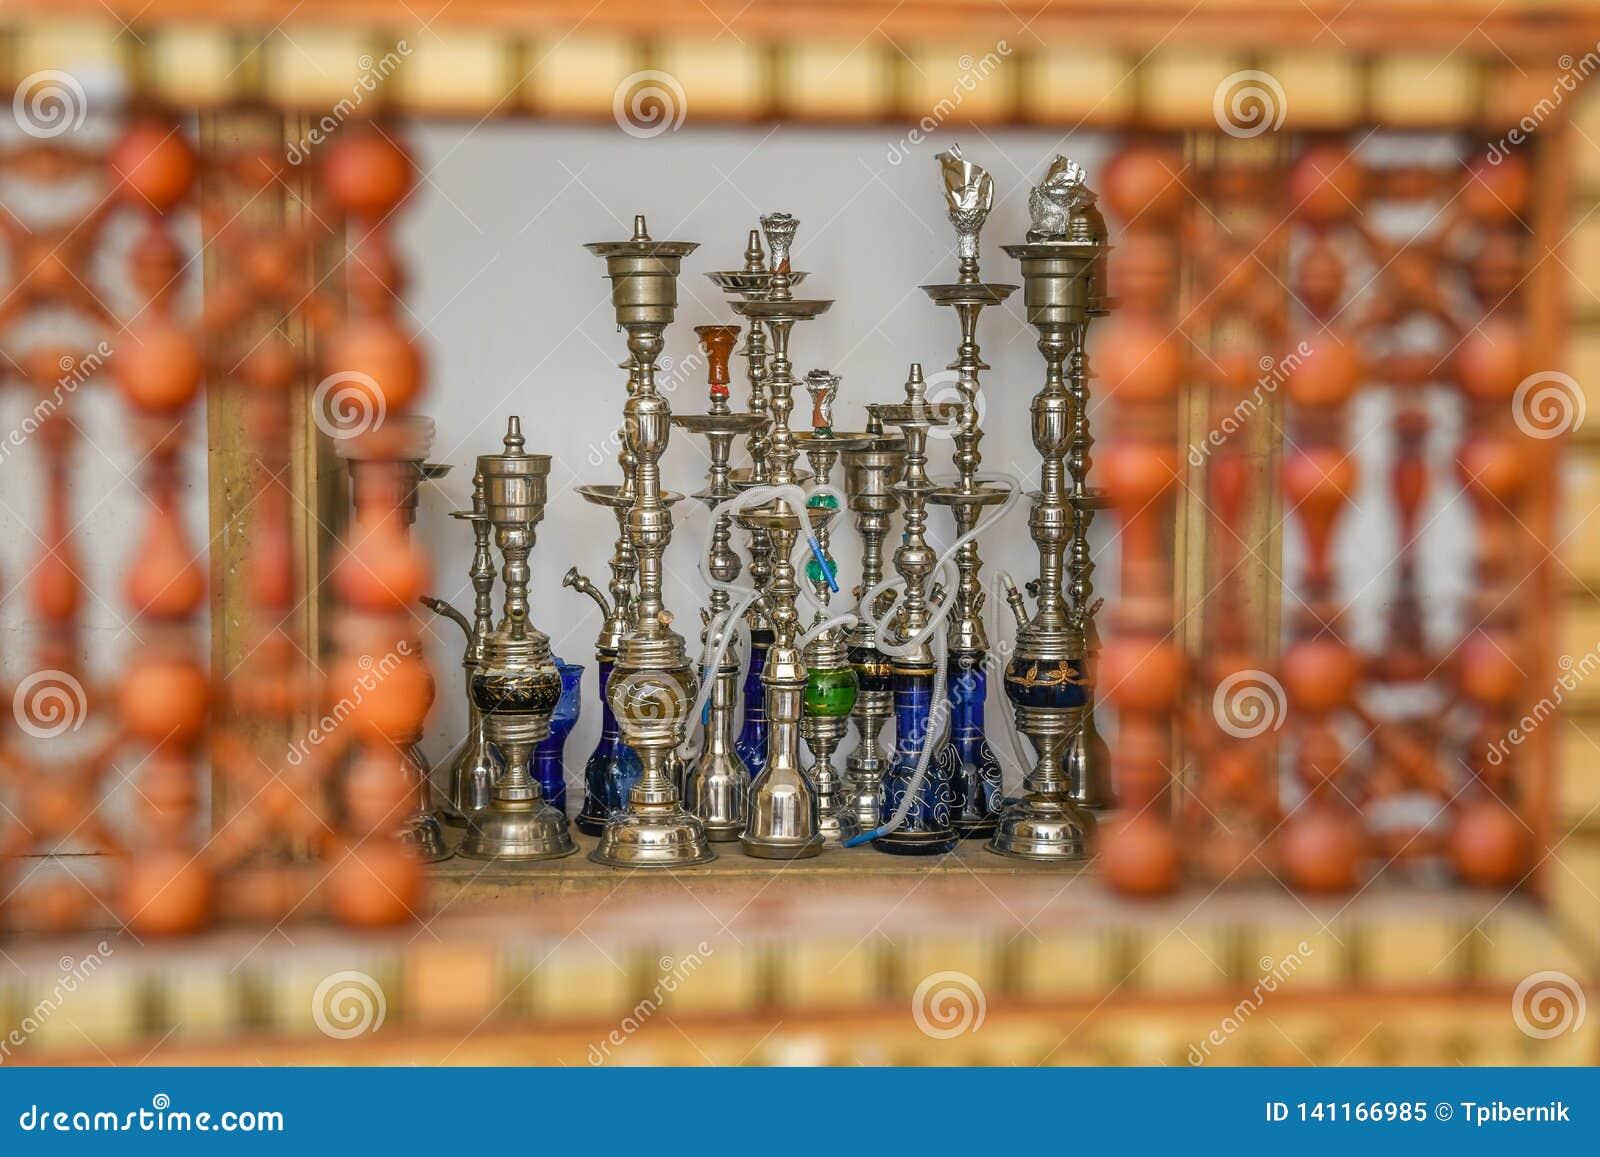 Tubulações de fumo de Shisha através mão de madeira vermelha oriental da janela crafted da parede